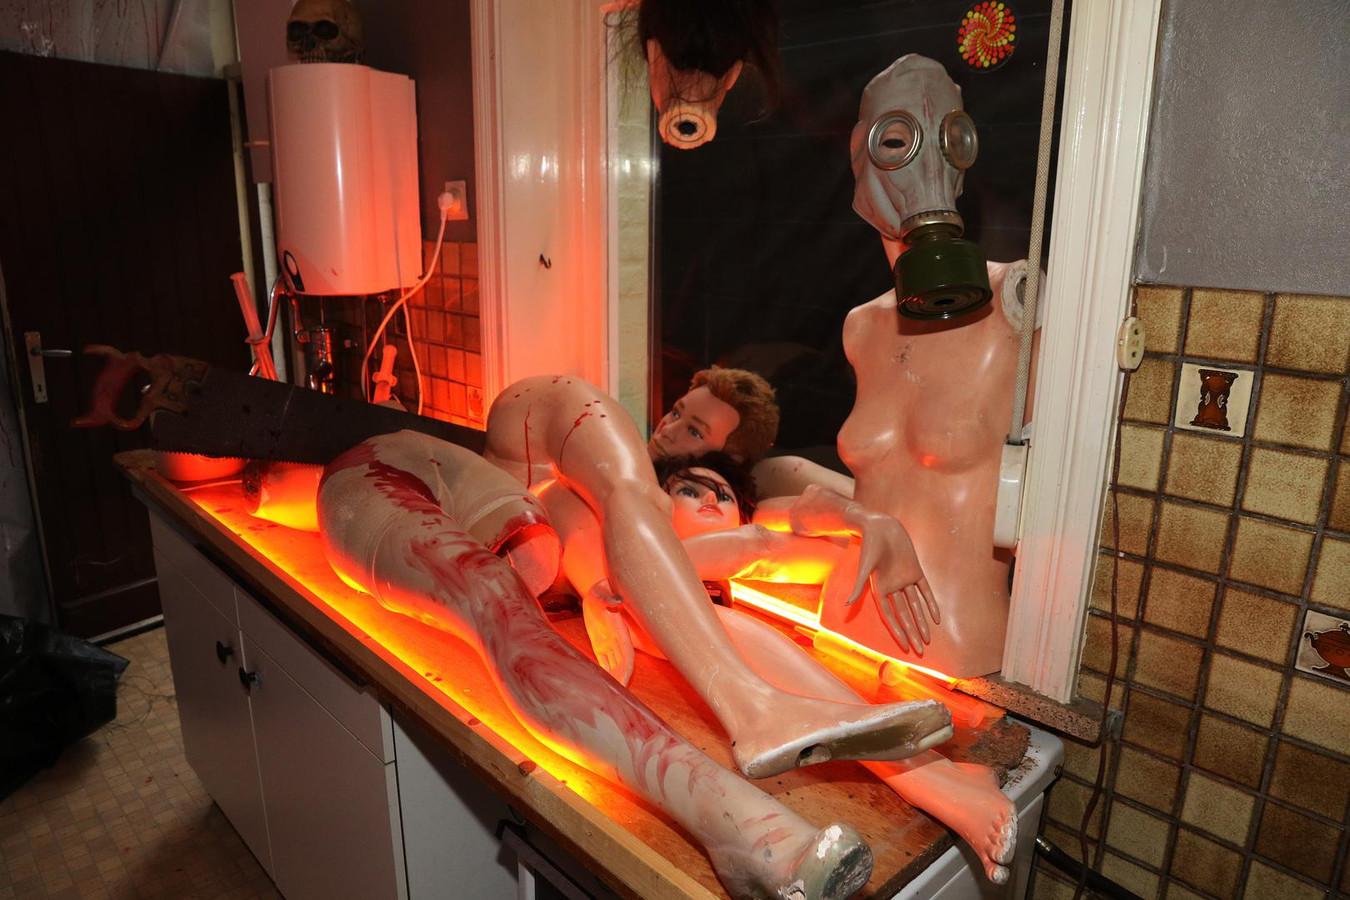 Tijdens je dooltocht door het spookhuis kom je ook afgezaagde ledematen tegen.